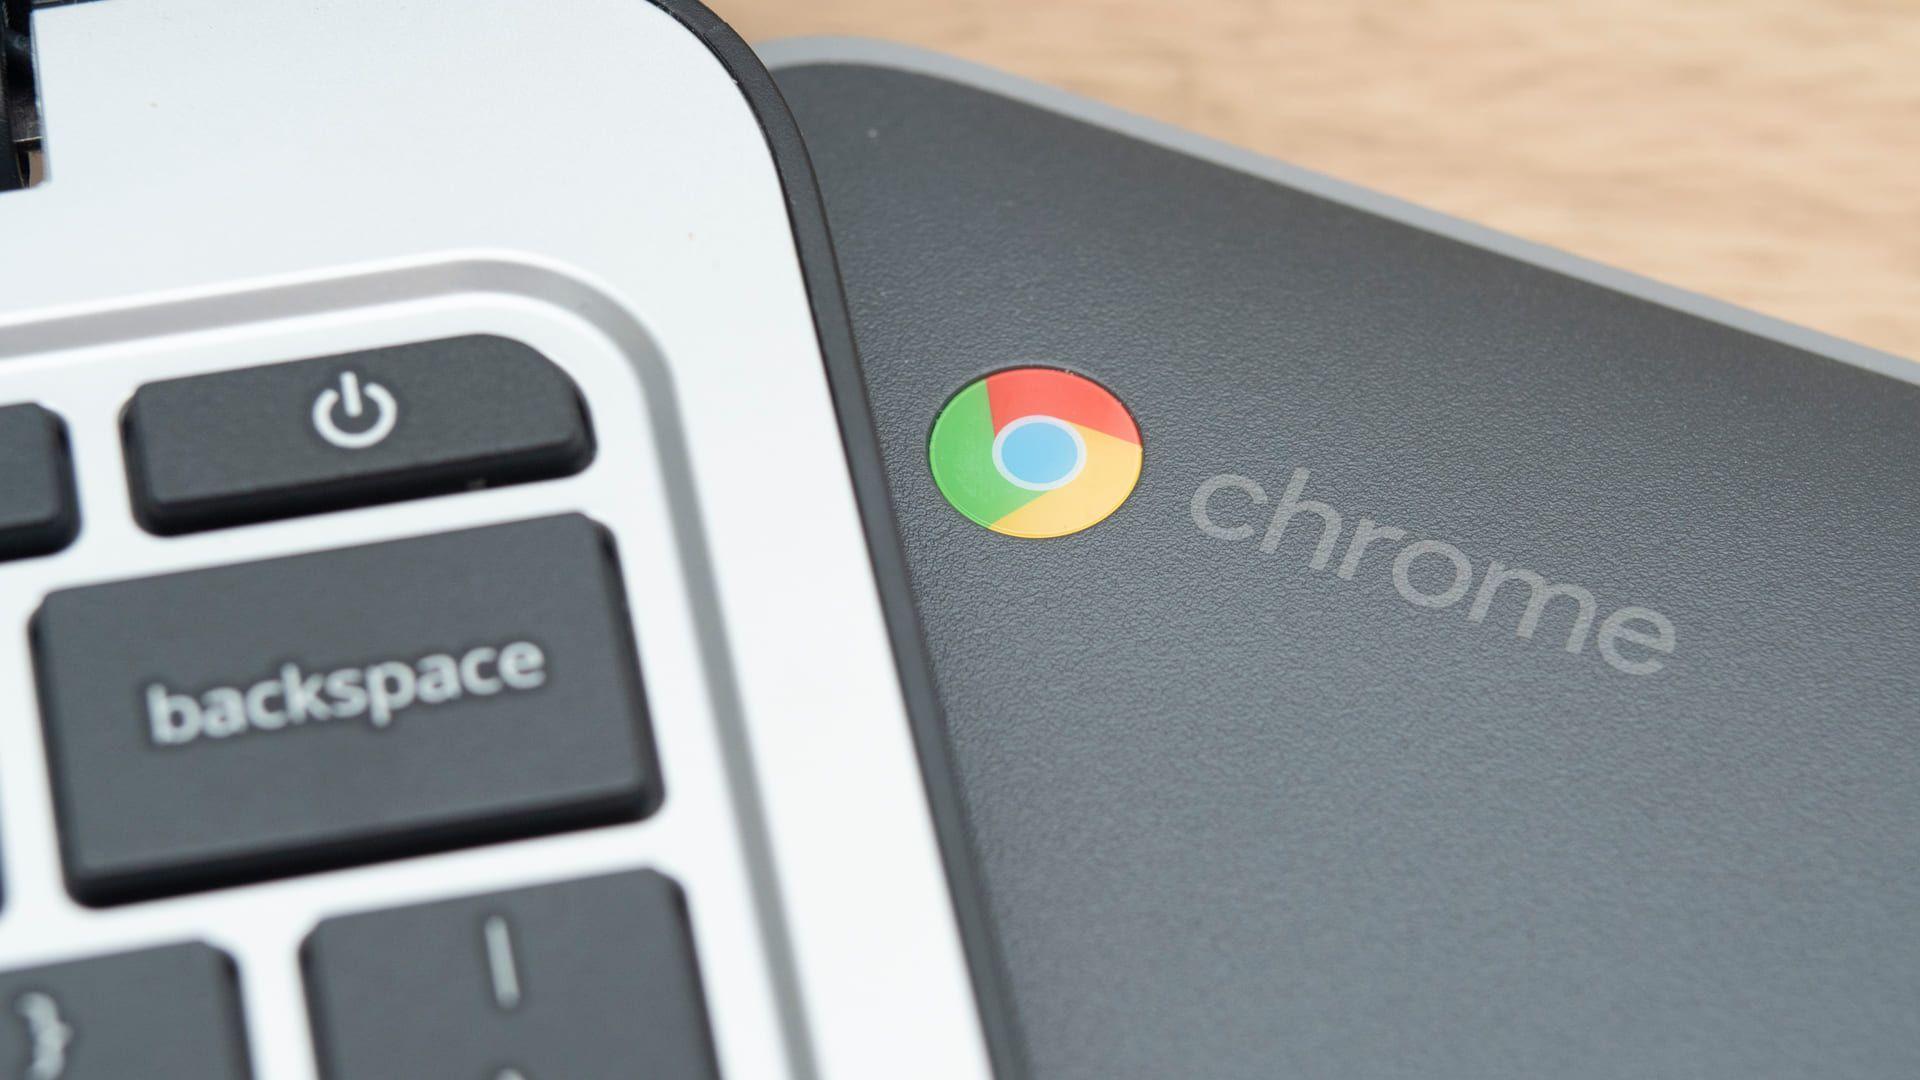 Muitos notebooks com sistema operacional Chrome OS são compatíveis com Android (Foto: Shutterstock/CC Photo Labs)